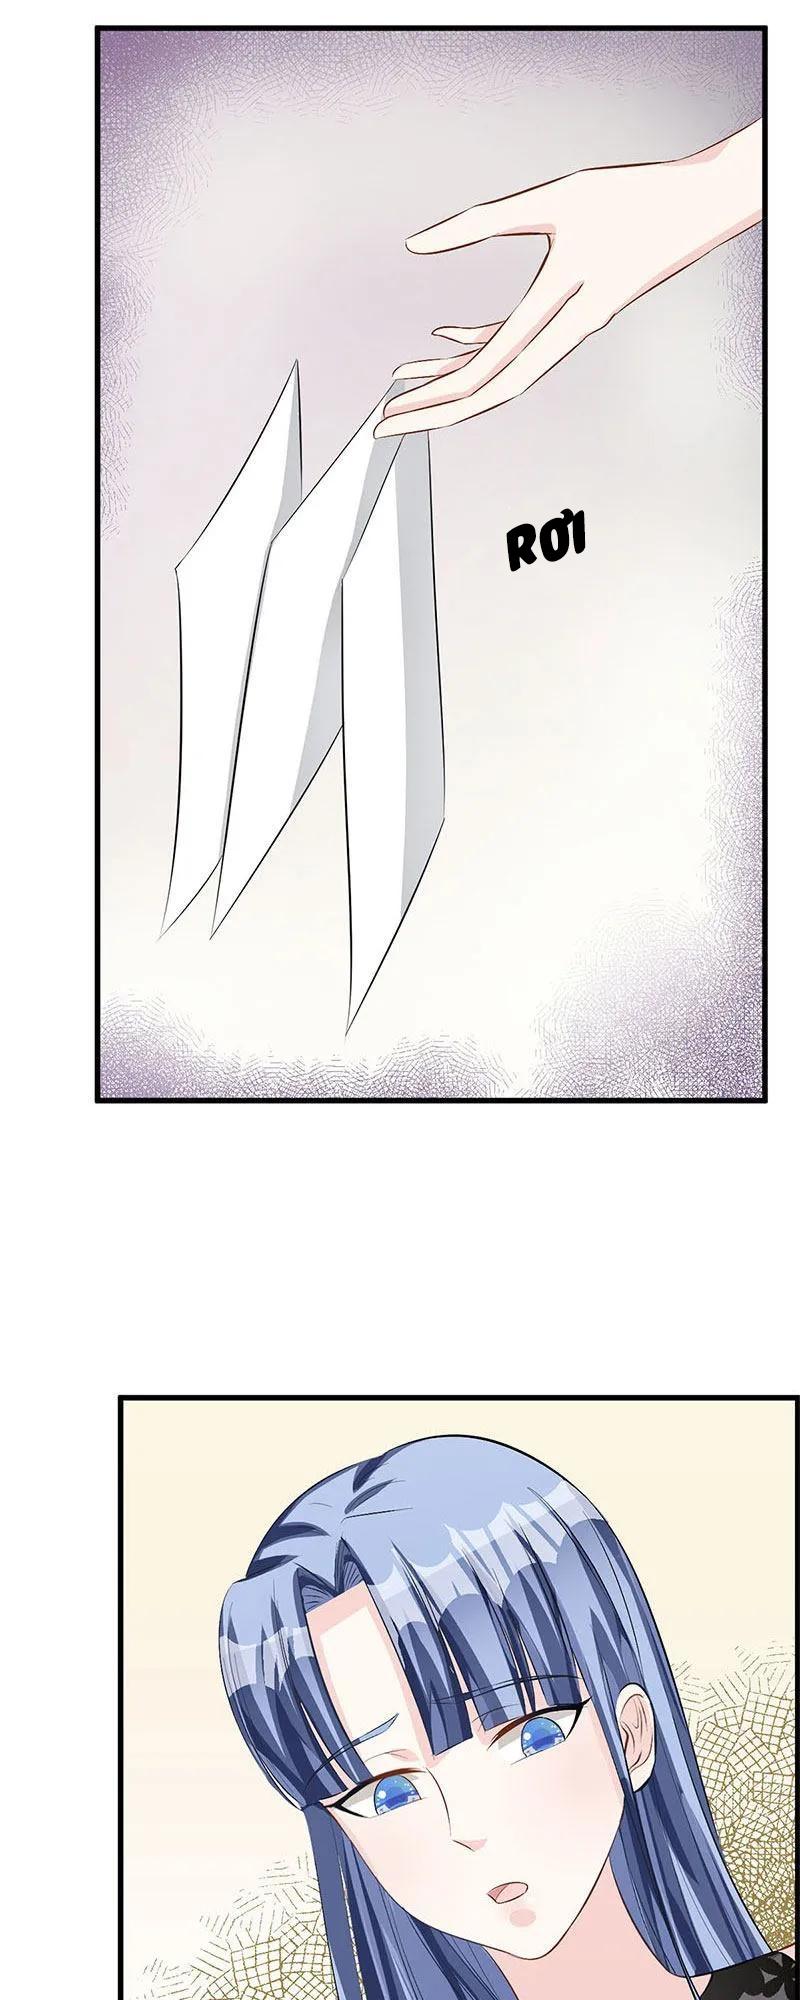 Tân Nương Thế Thân chap 69 - Trang 15